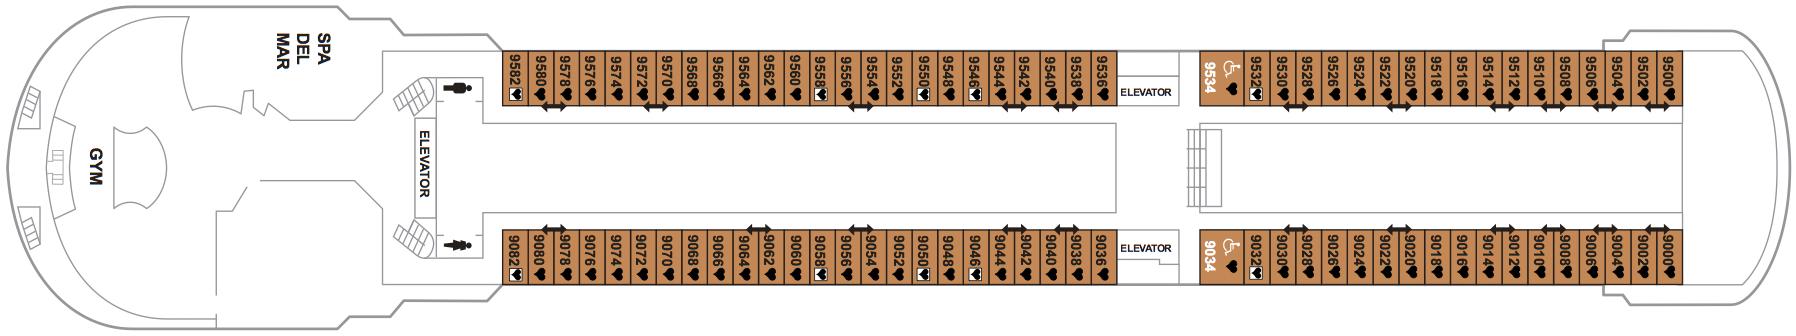 Pullmantur Monarch Deck Plans Deck 9.jpg